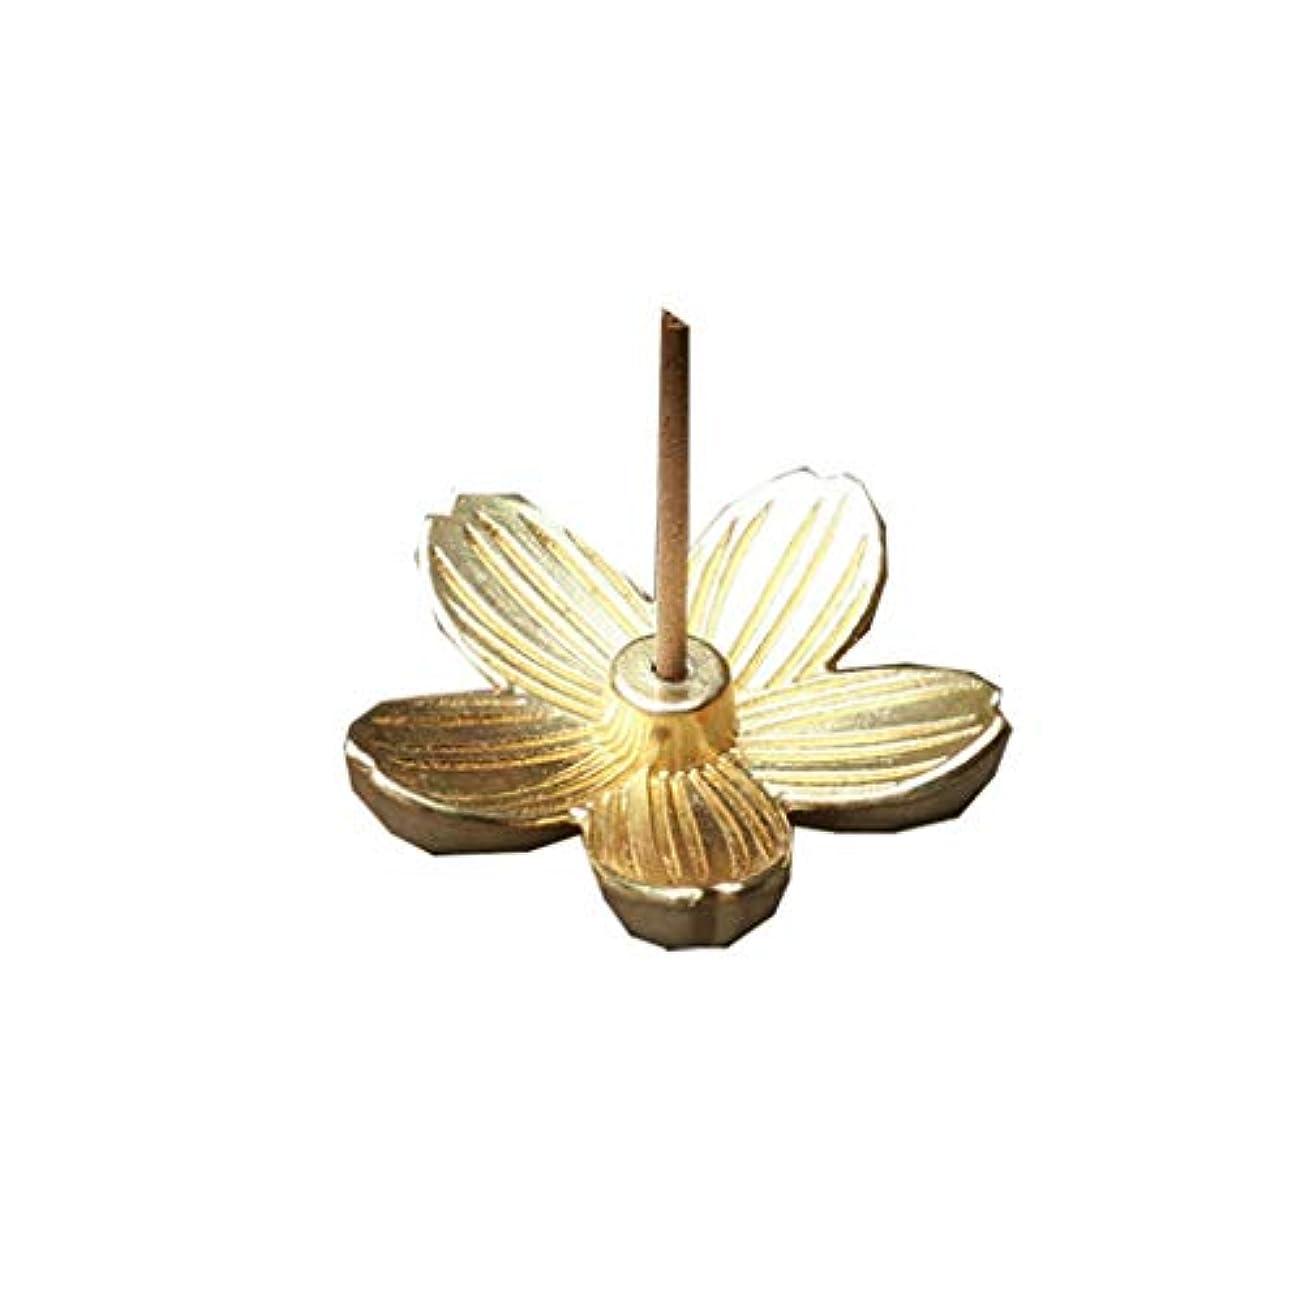 胴体警告する支出クリエイティブヴィンテージ銅アートさくら型の香炉香スティックコーンホルダーホーム仏教の装飾誕生日お香ホルダー (Color : Gold, サイズ : 1.14*1.14inchs)